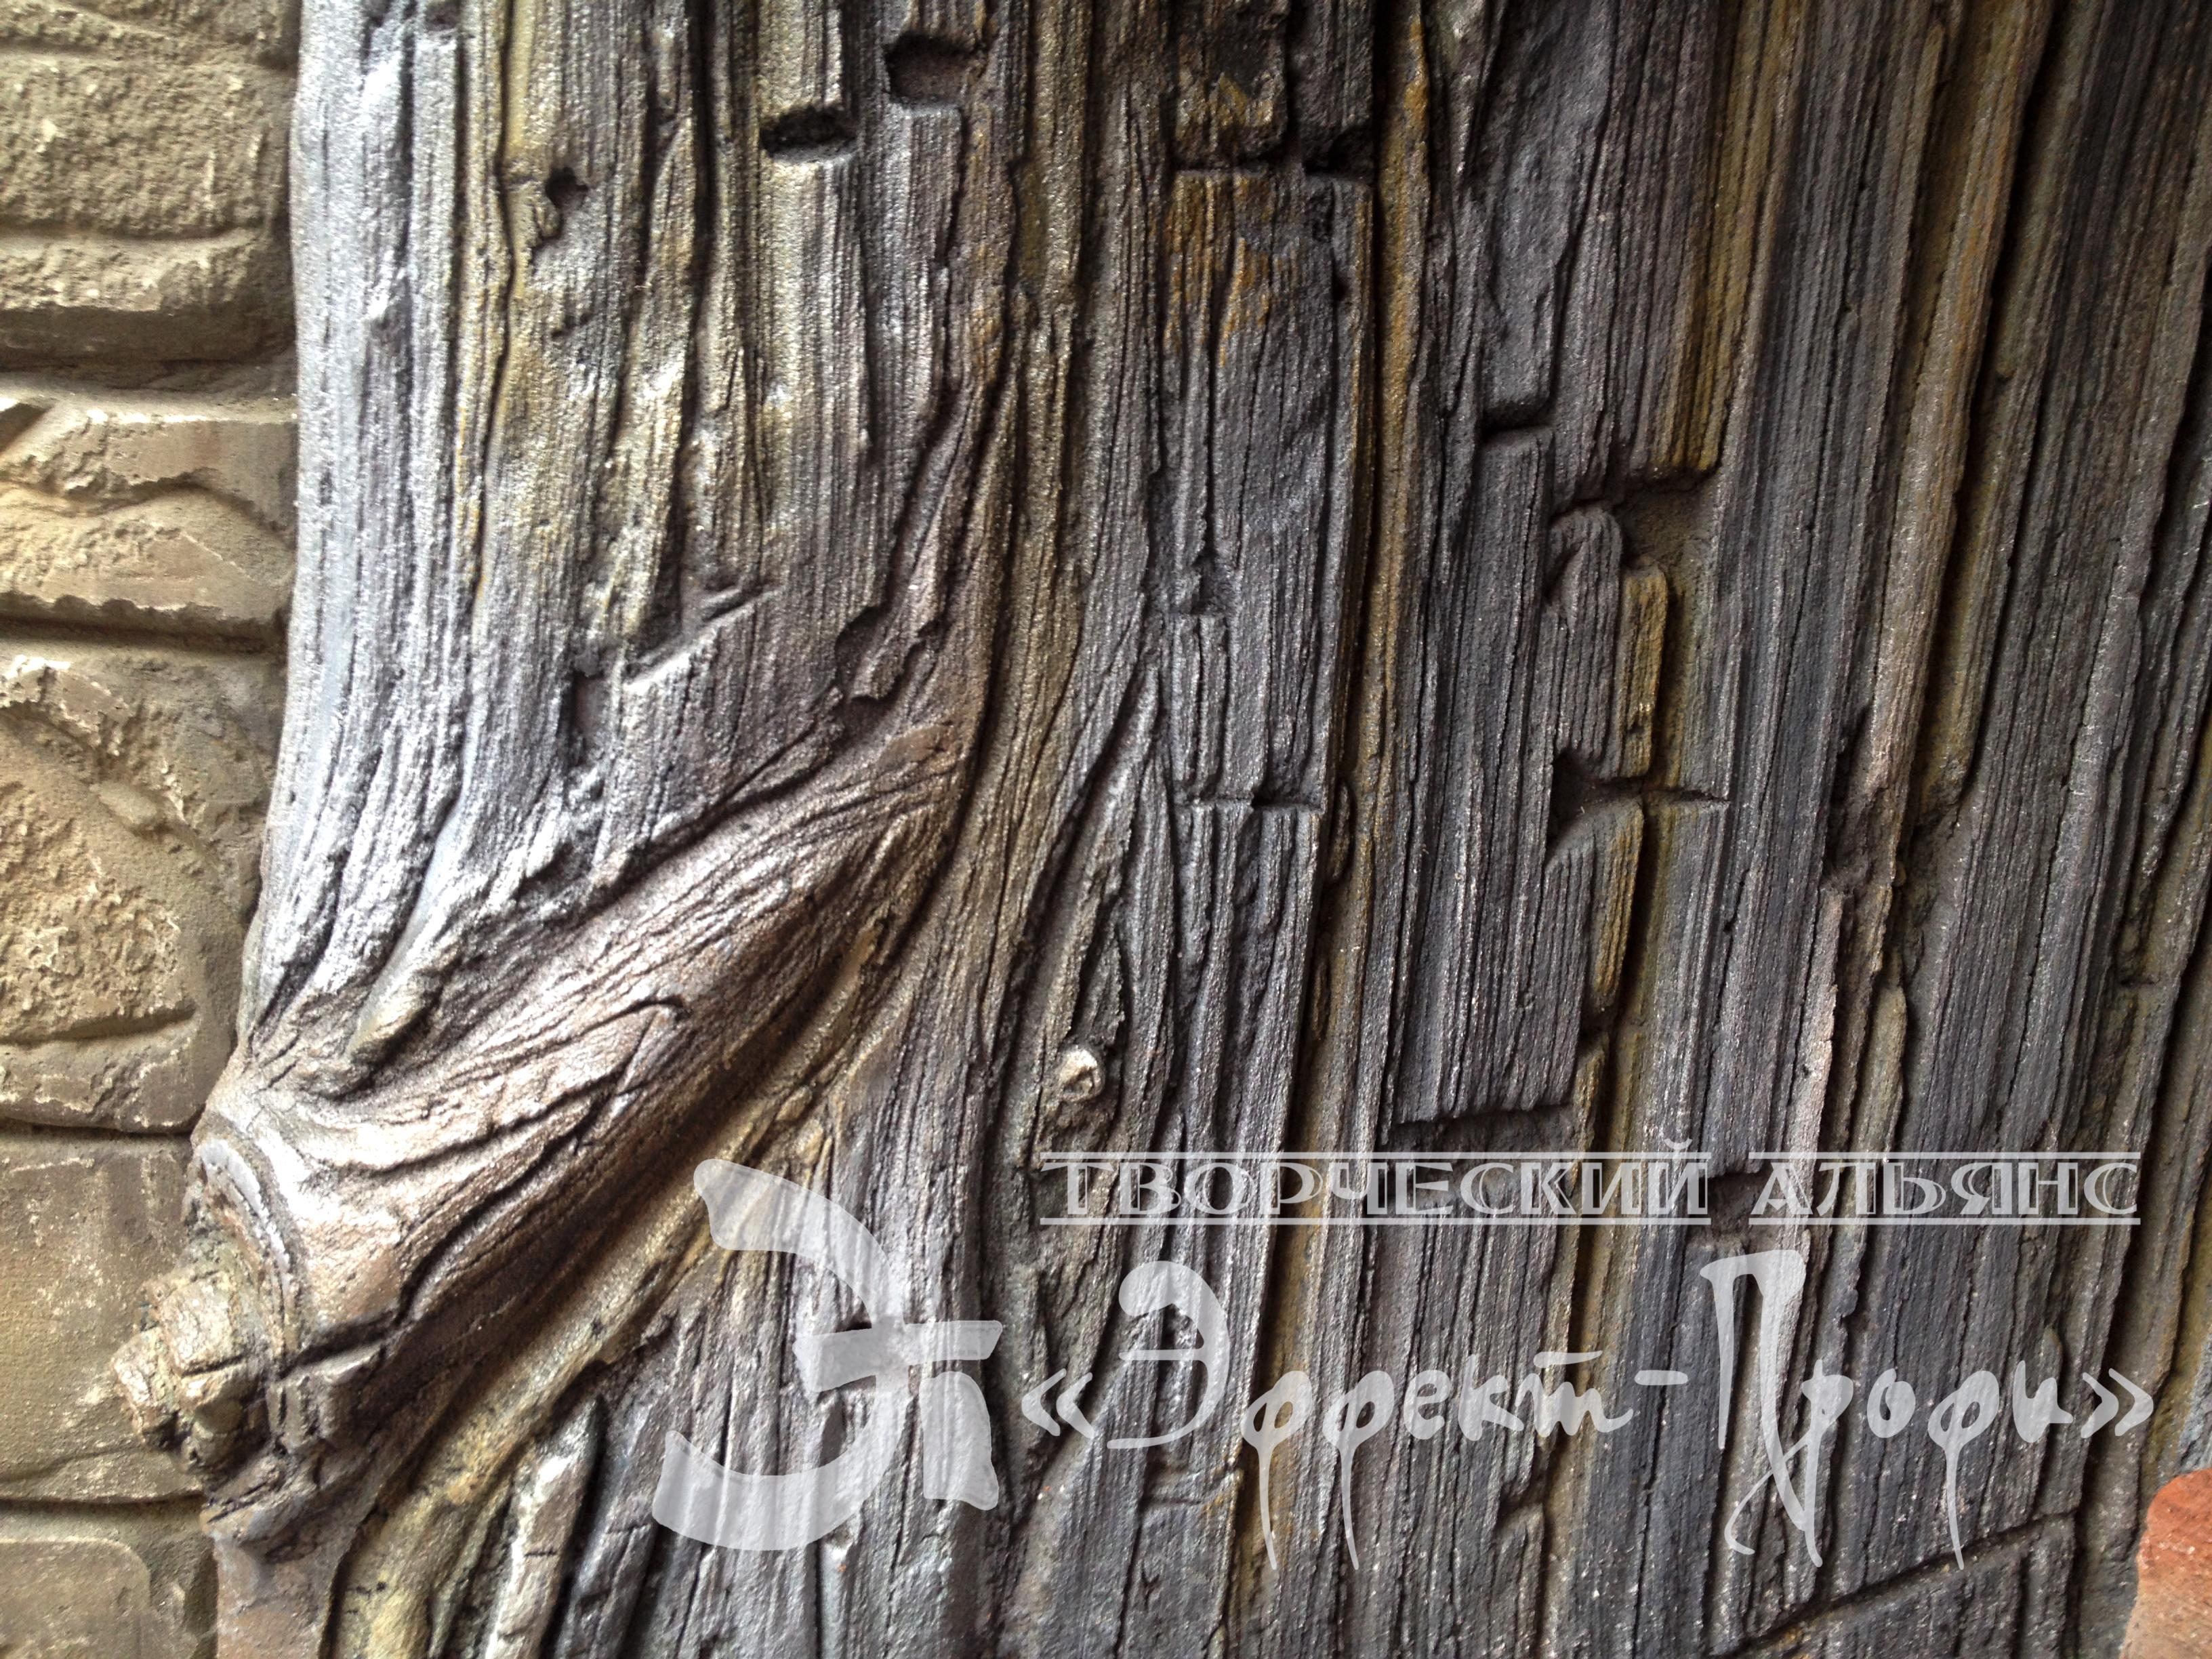 Имитация дерева на барбекю.